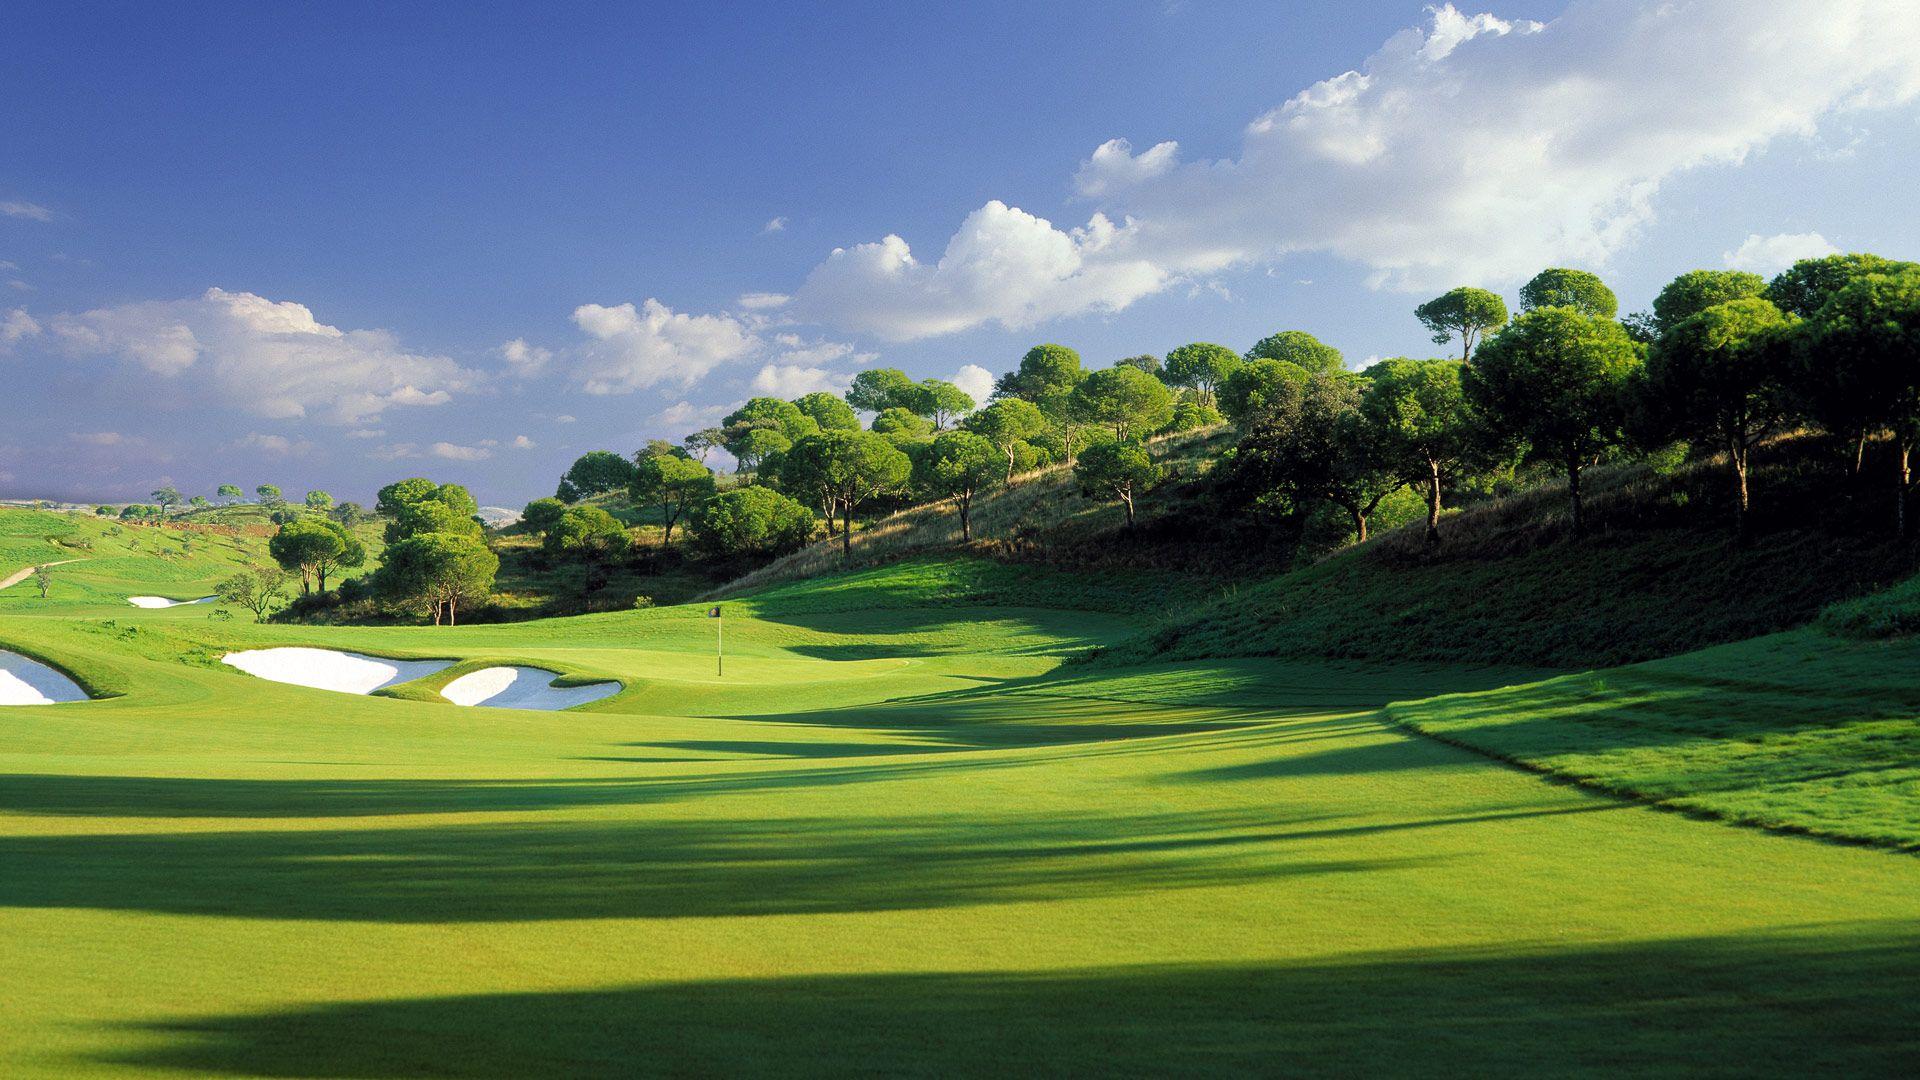 Golf Green Ground Wallpaper Hd Wallpapers Nature Wallpapers Golf Courses Golf Trophies Golf